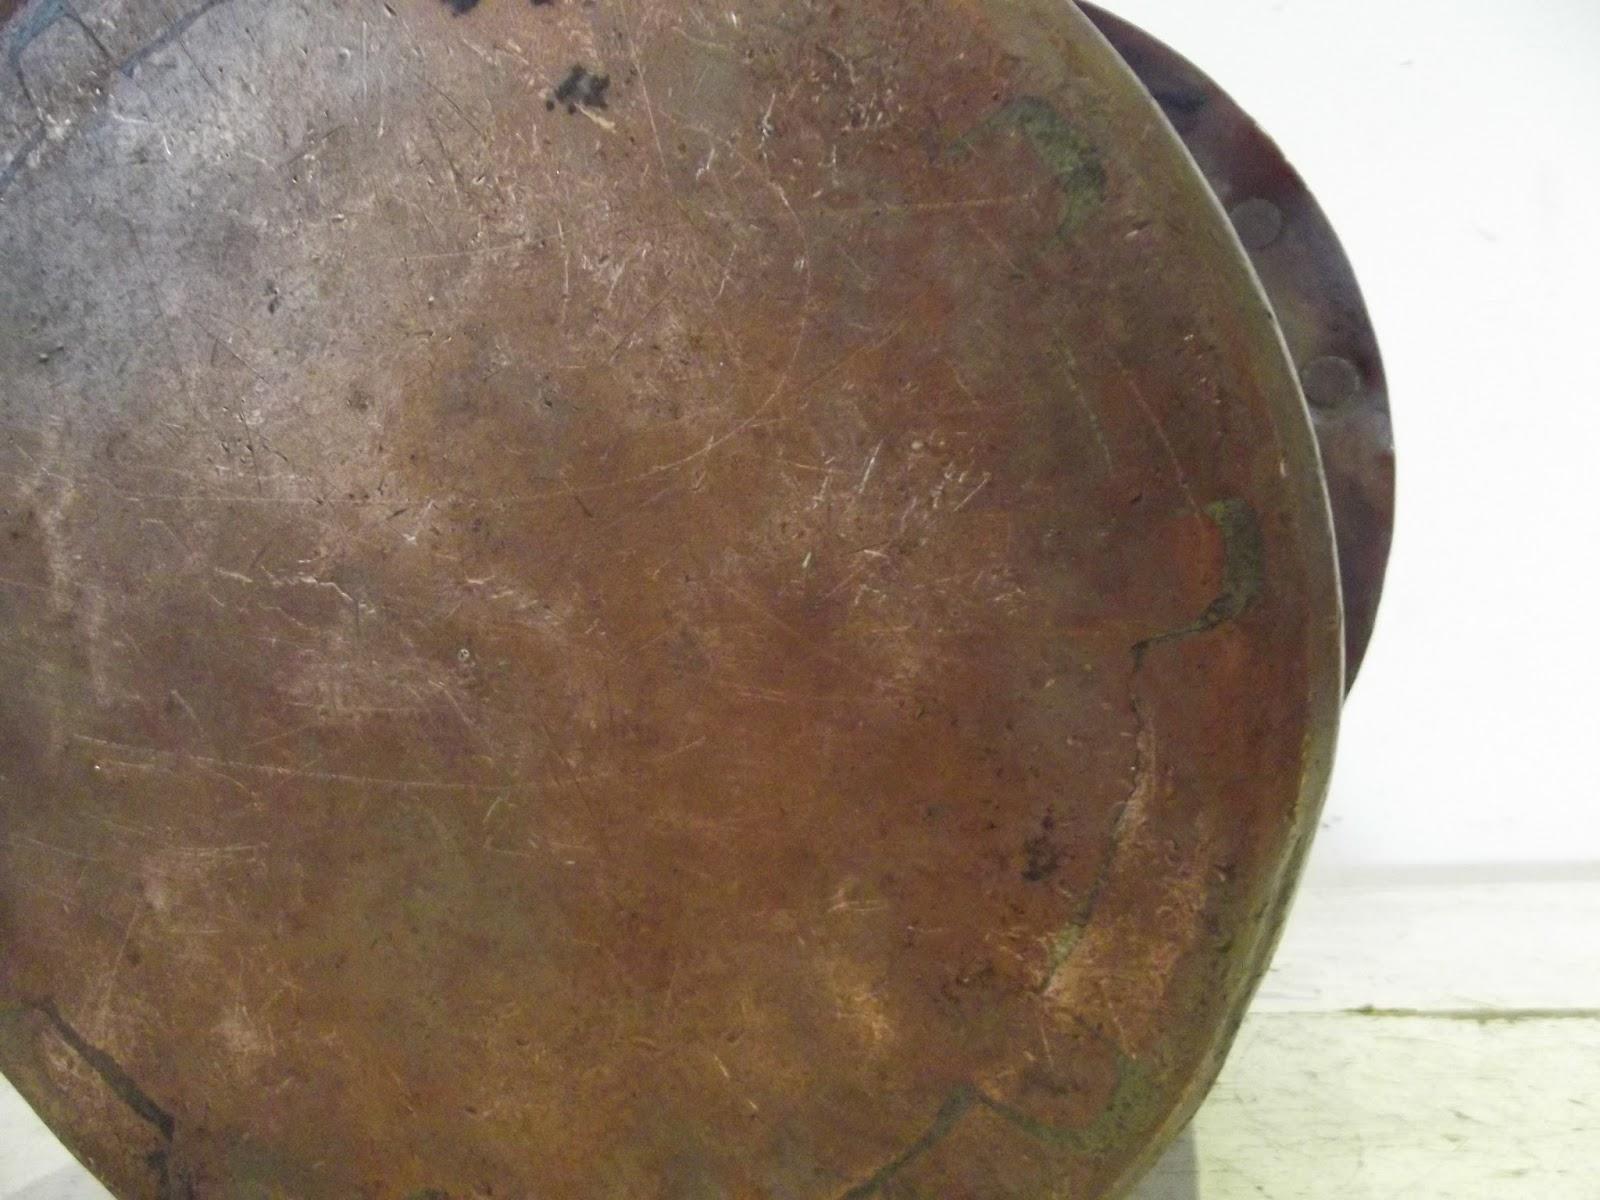 antik eimer kupfer geh mmert schwanz 39 schwalben schwei en bronze 19 ebay. Black Bedroom Furniture Sets. Home Design Ideas